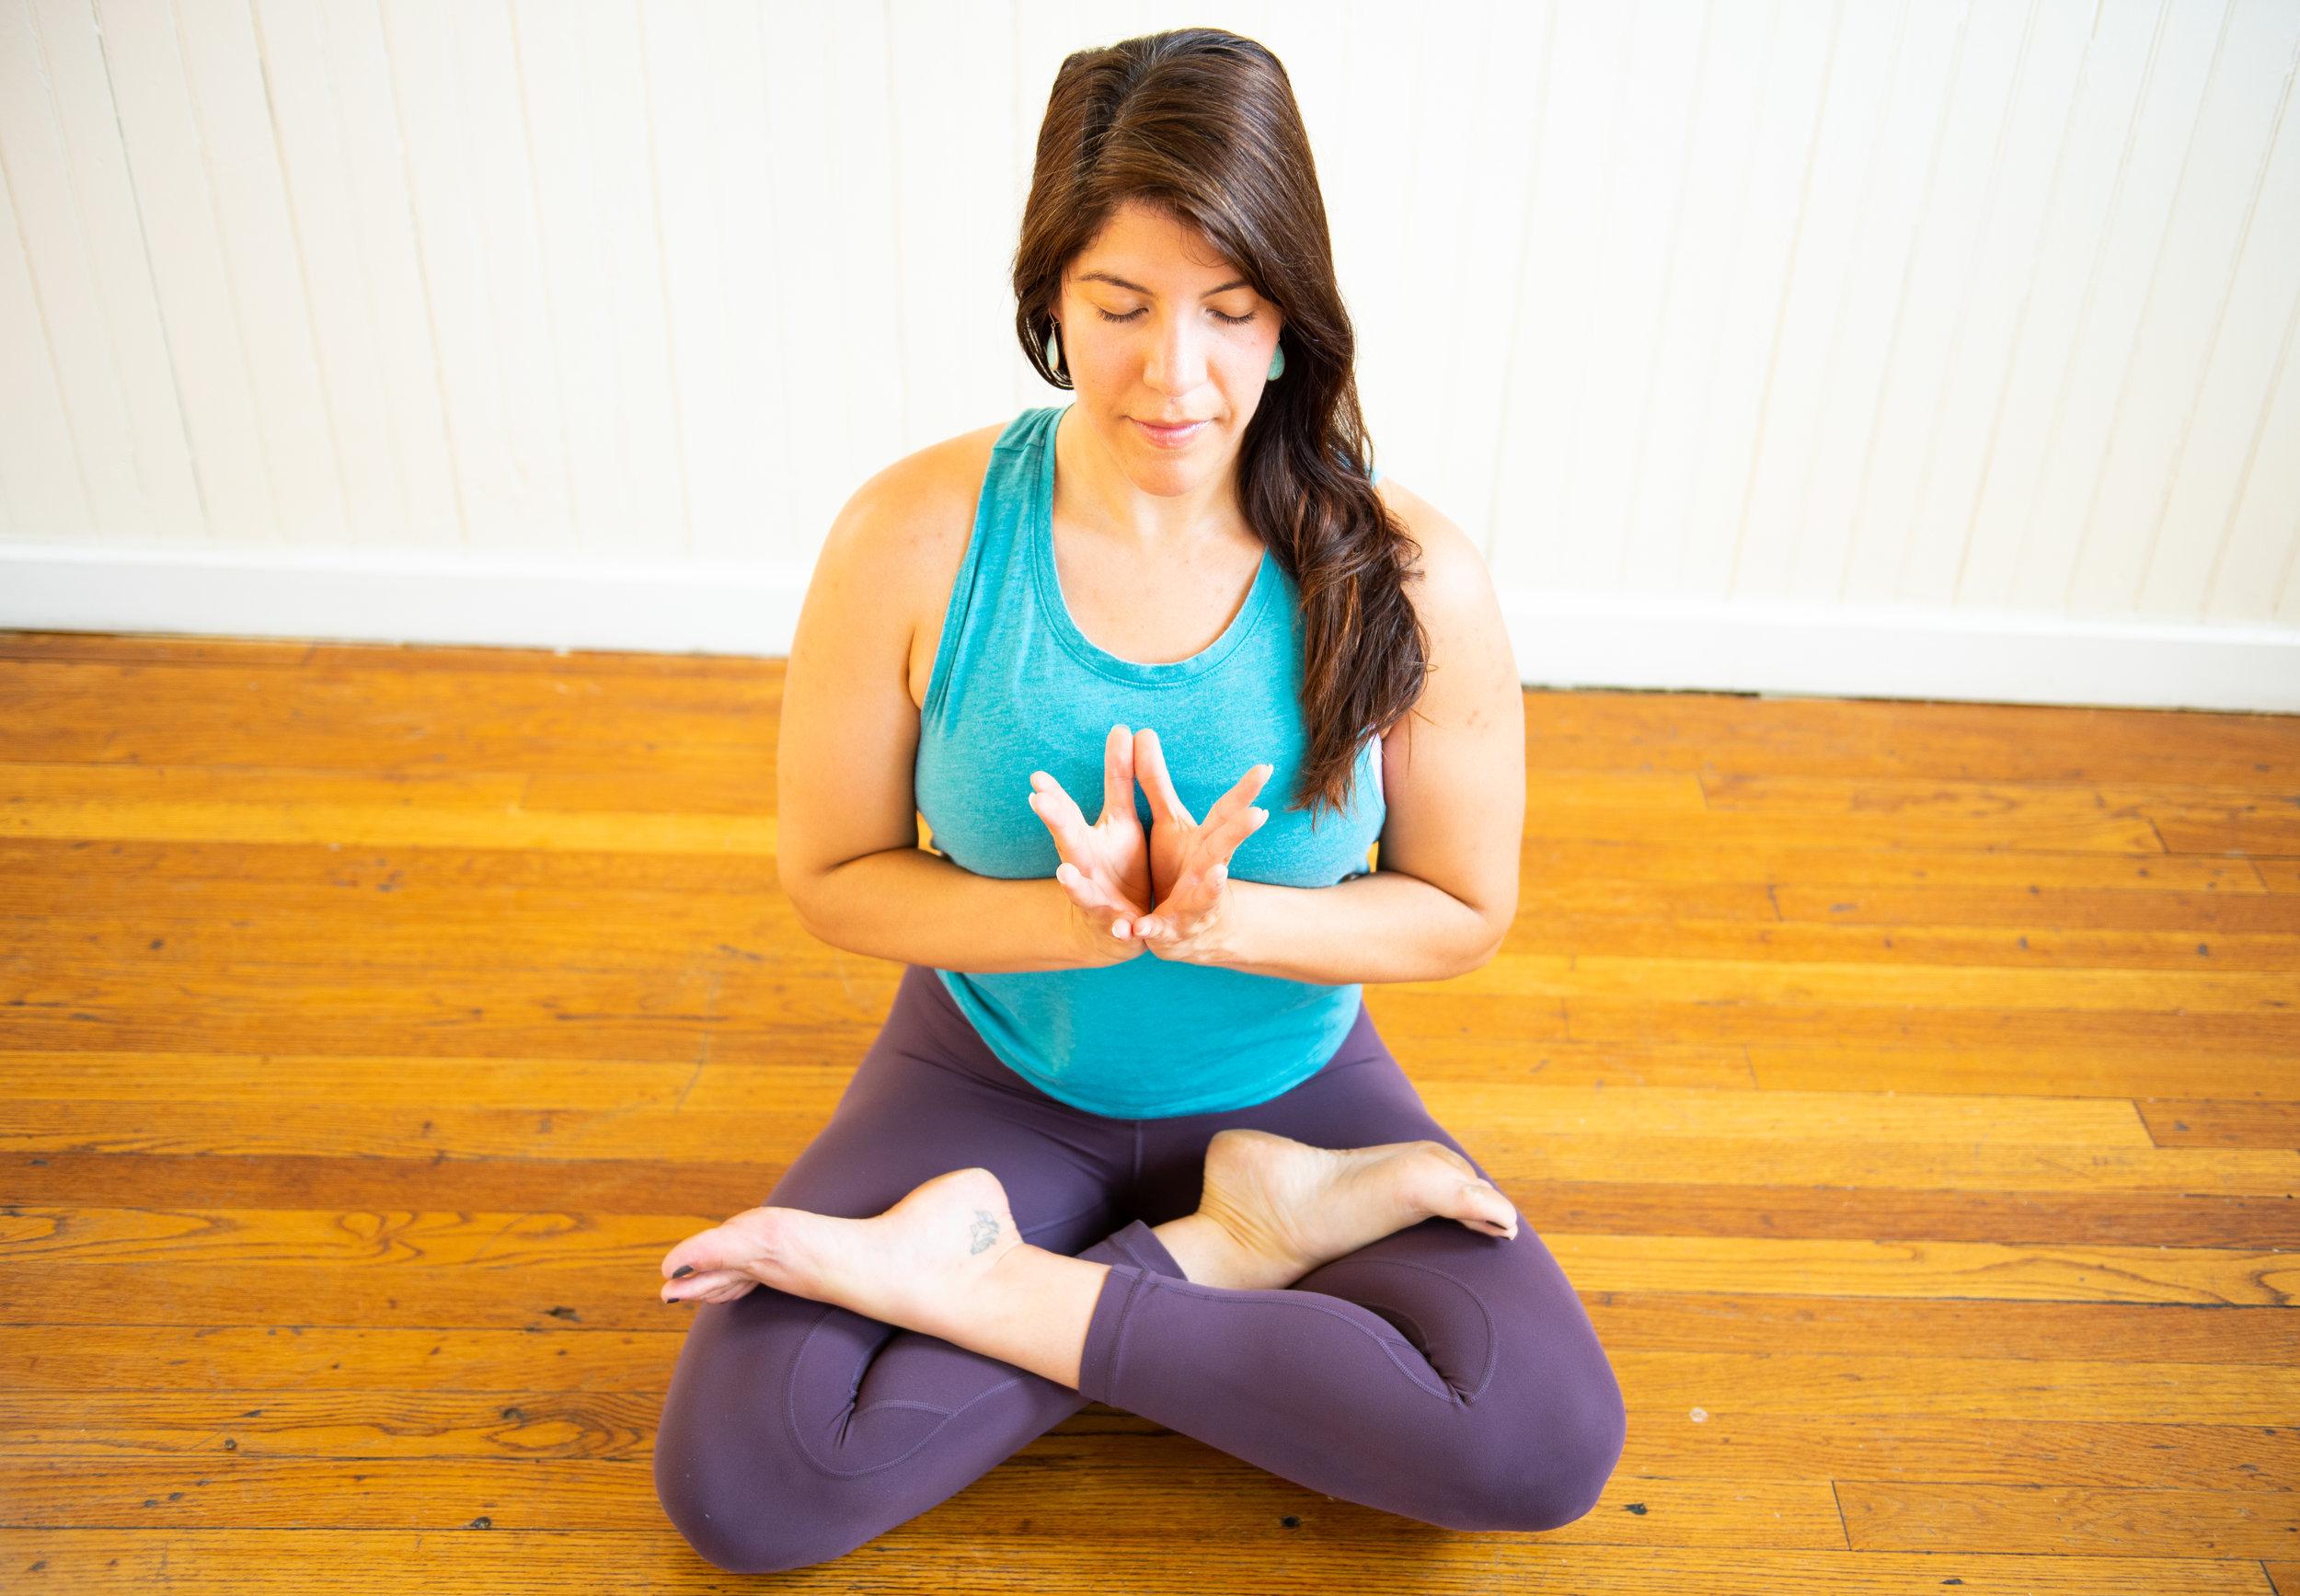 Jenn_Yoga-24.jpg